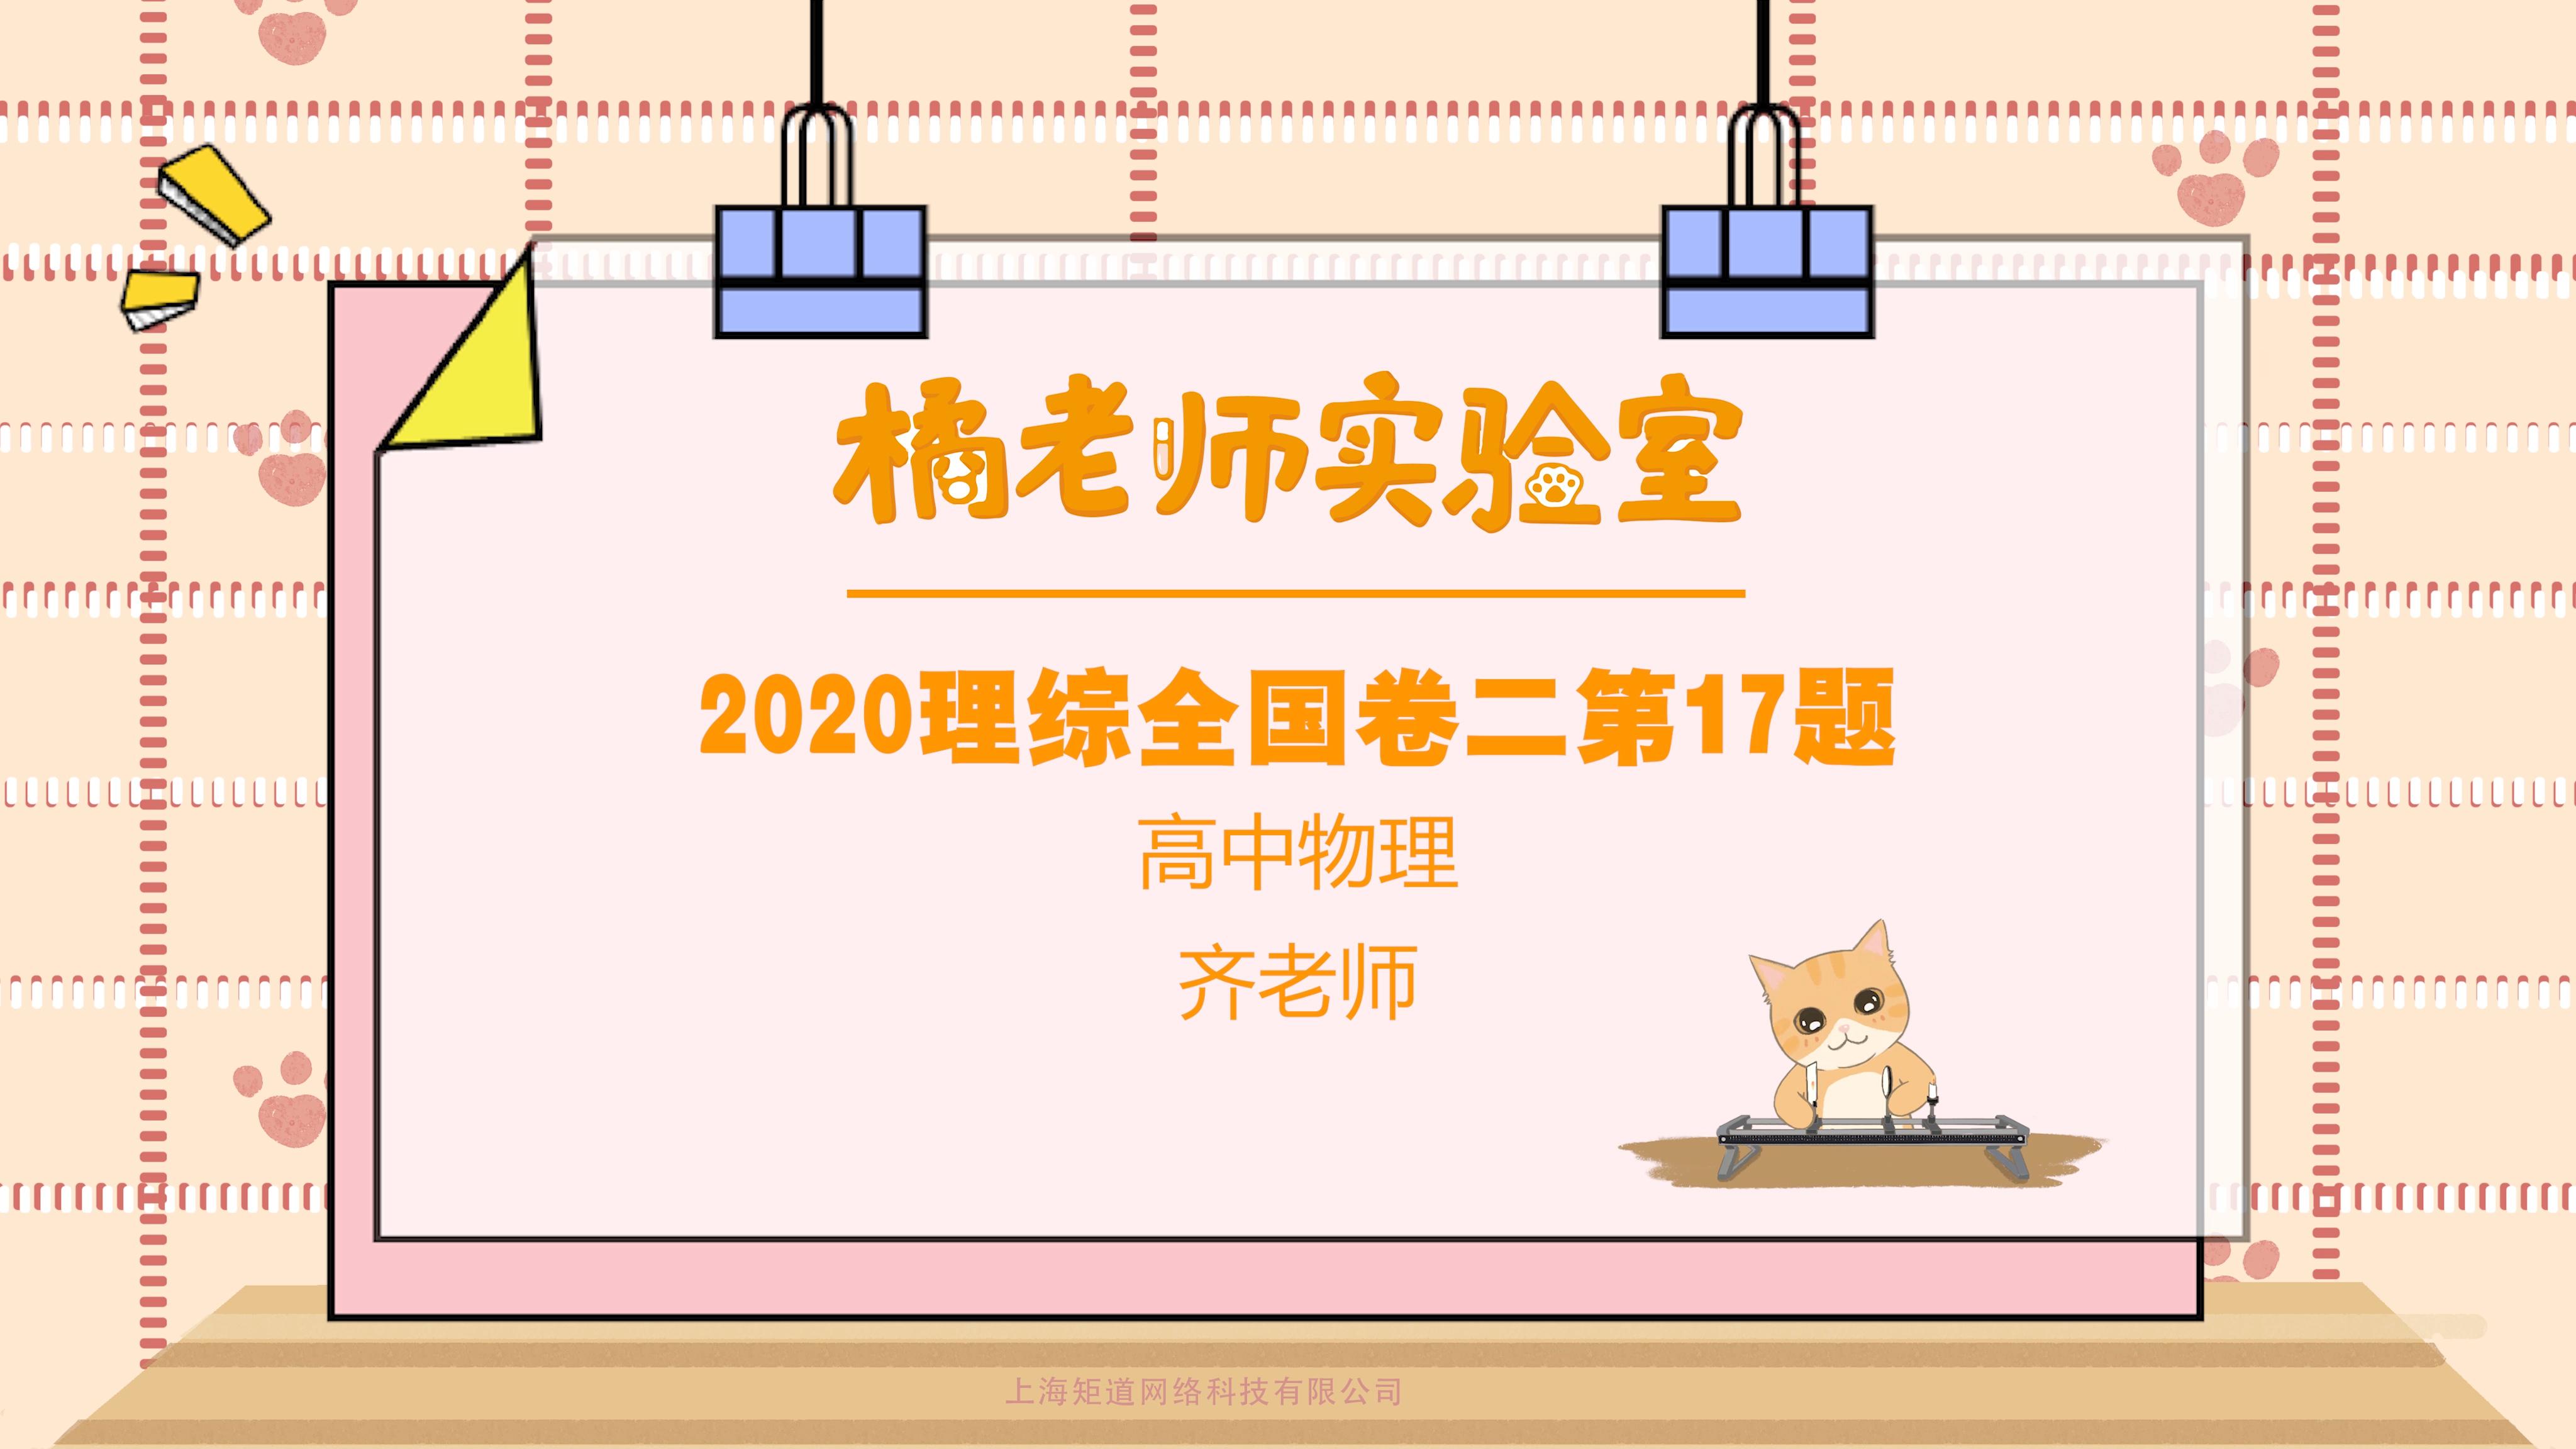 第一百九十三期:《2020理综全国卷二第17题》